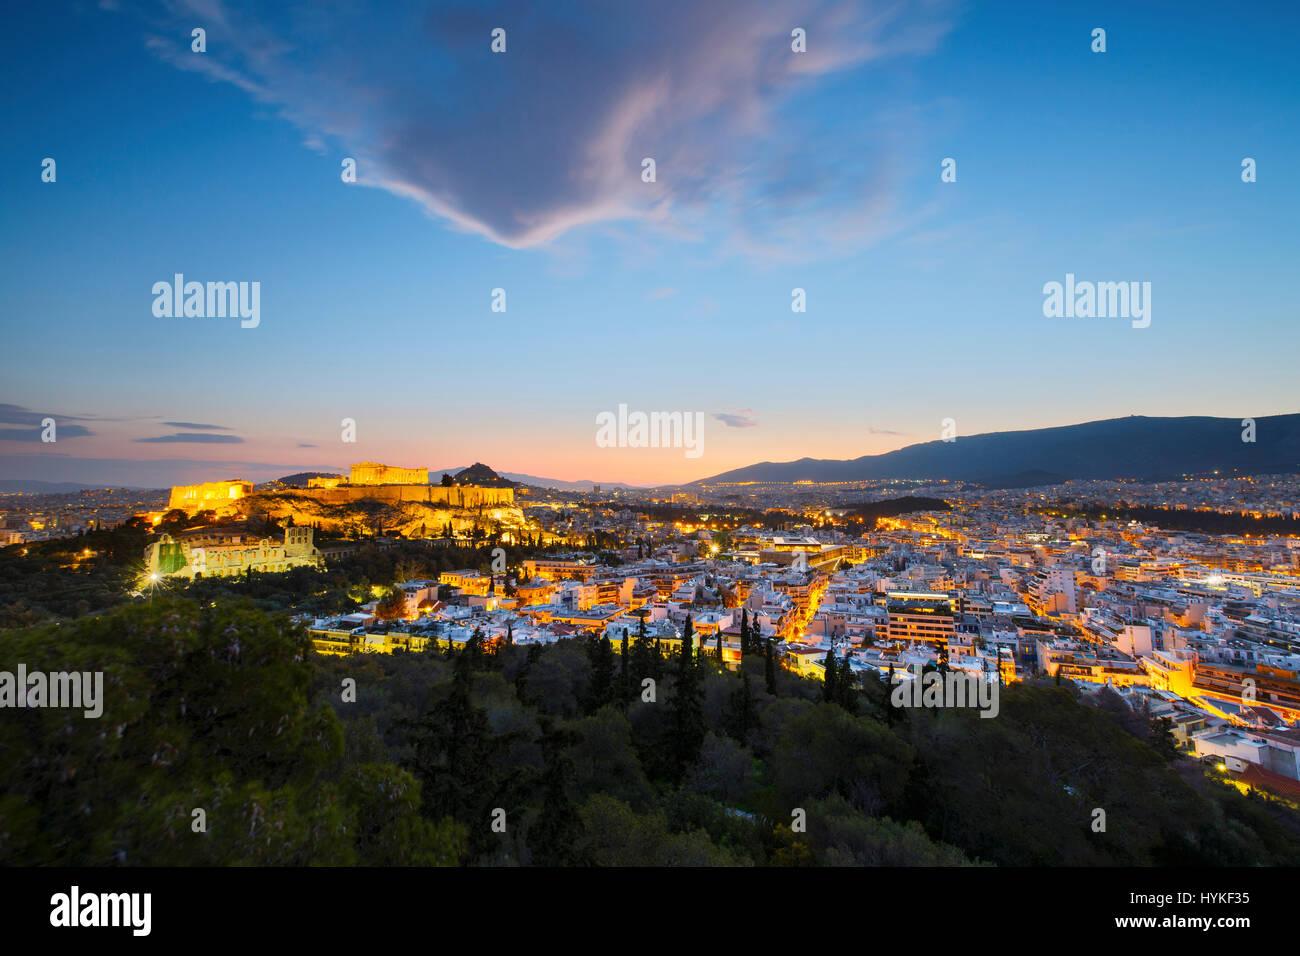 En la ciudad de la Acrópolis de Atenas, Grecia. Foto de stock